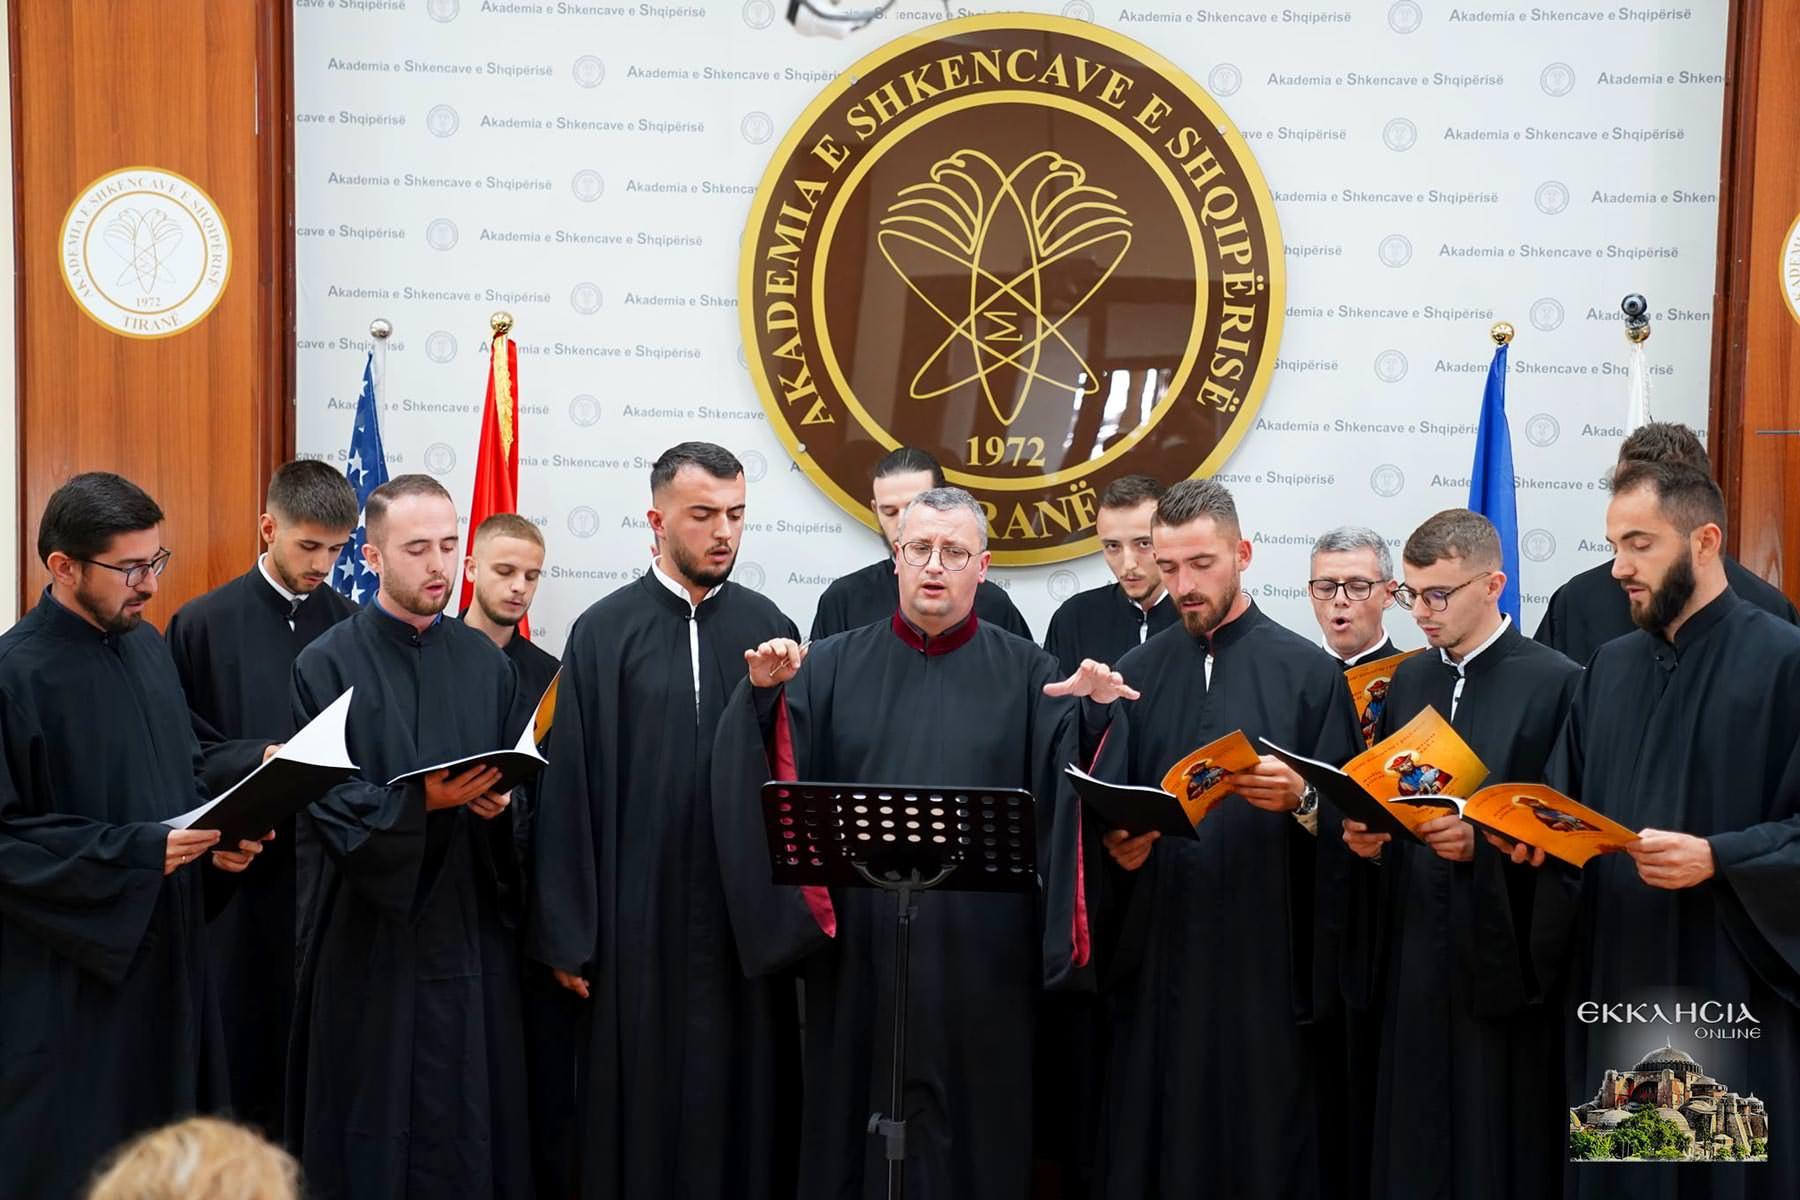 Σχολή Βυζαντινής Μουσικής Τίρανα